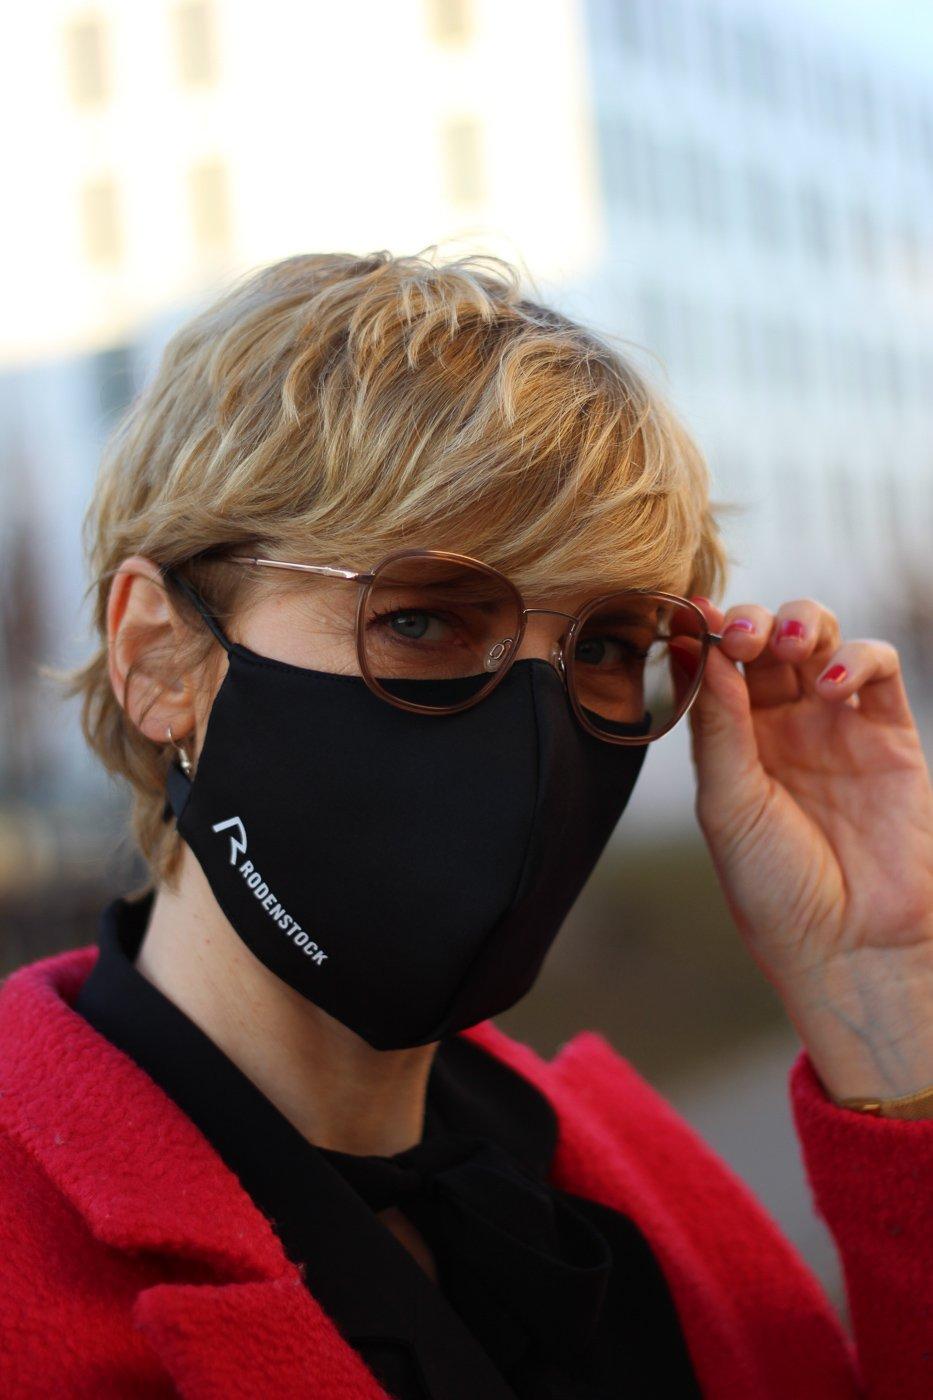 conny doll lifestyle: Rodenstock, Gleitsichtbrille, selbsttönende Gläser